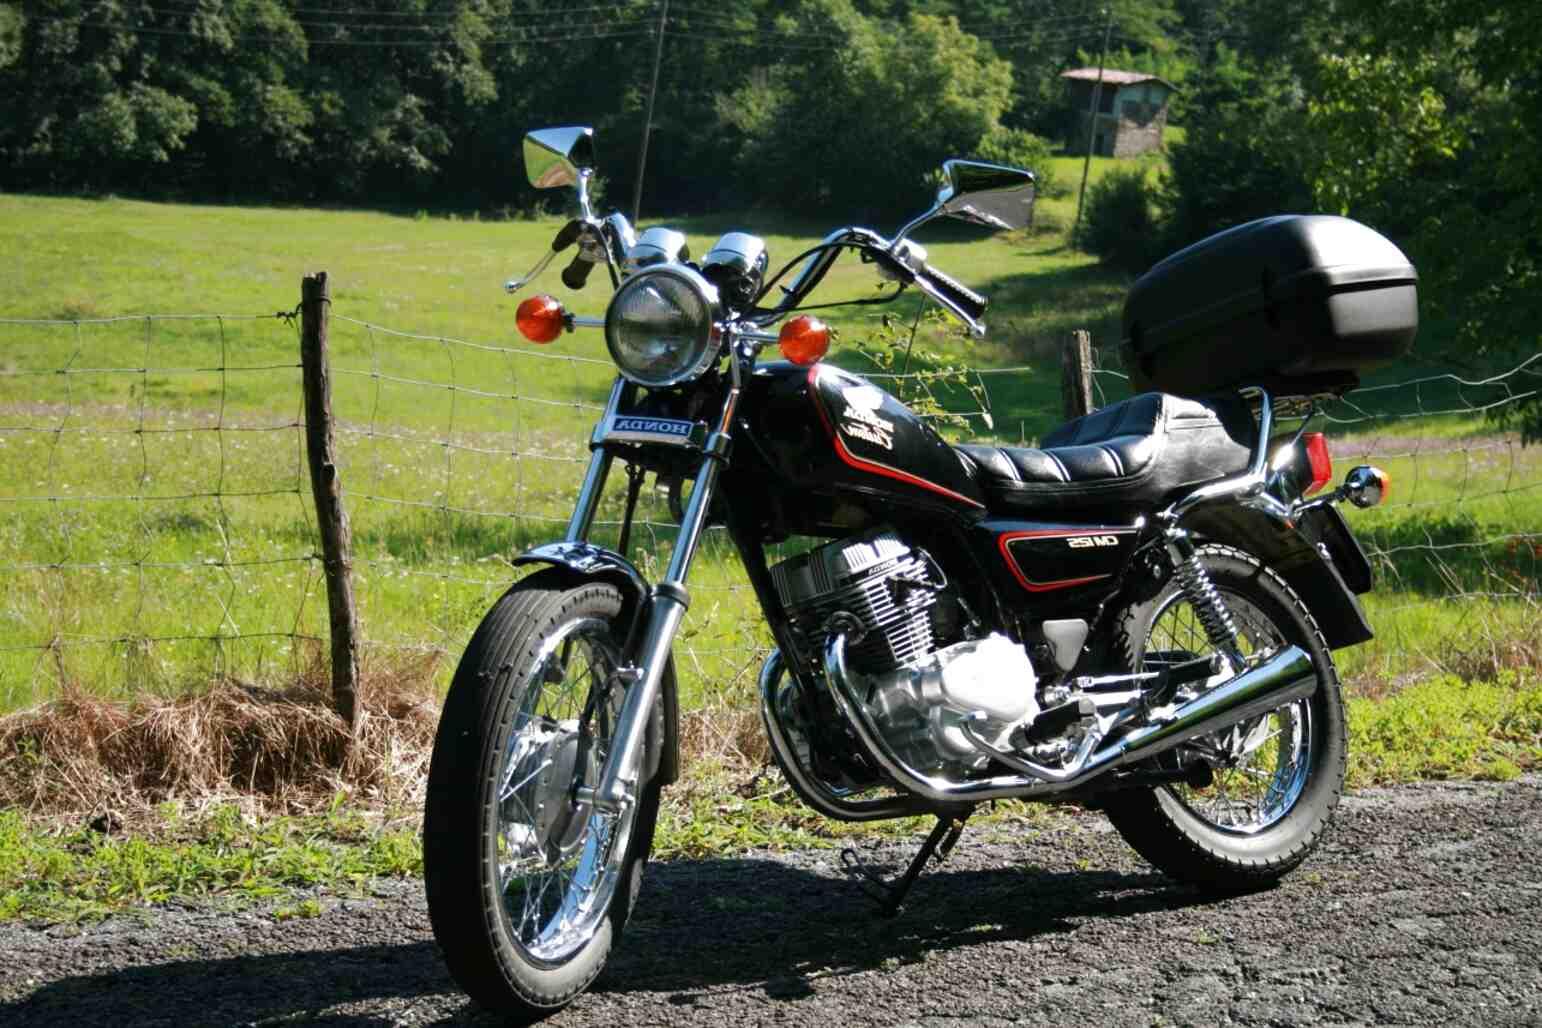 Honda Cm 125 Custom For Sale In Uk